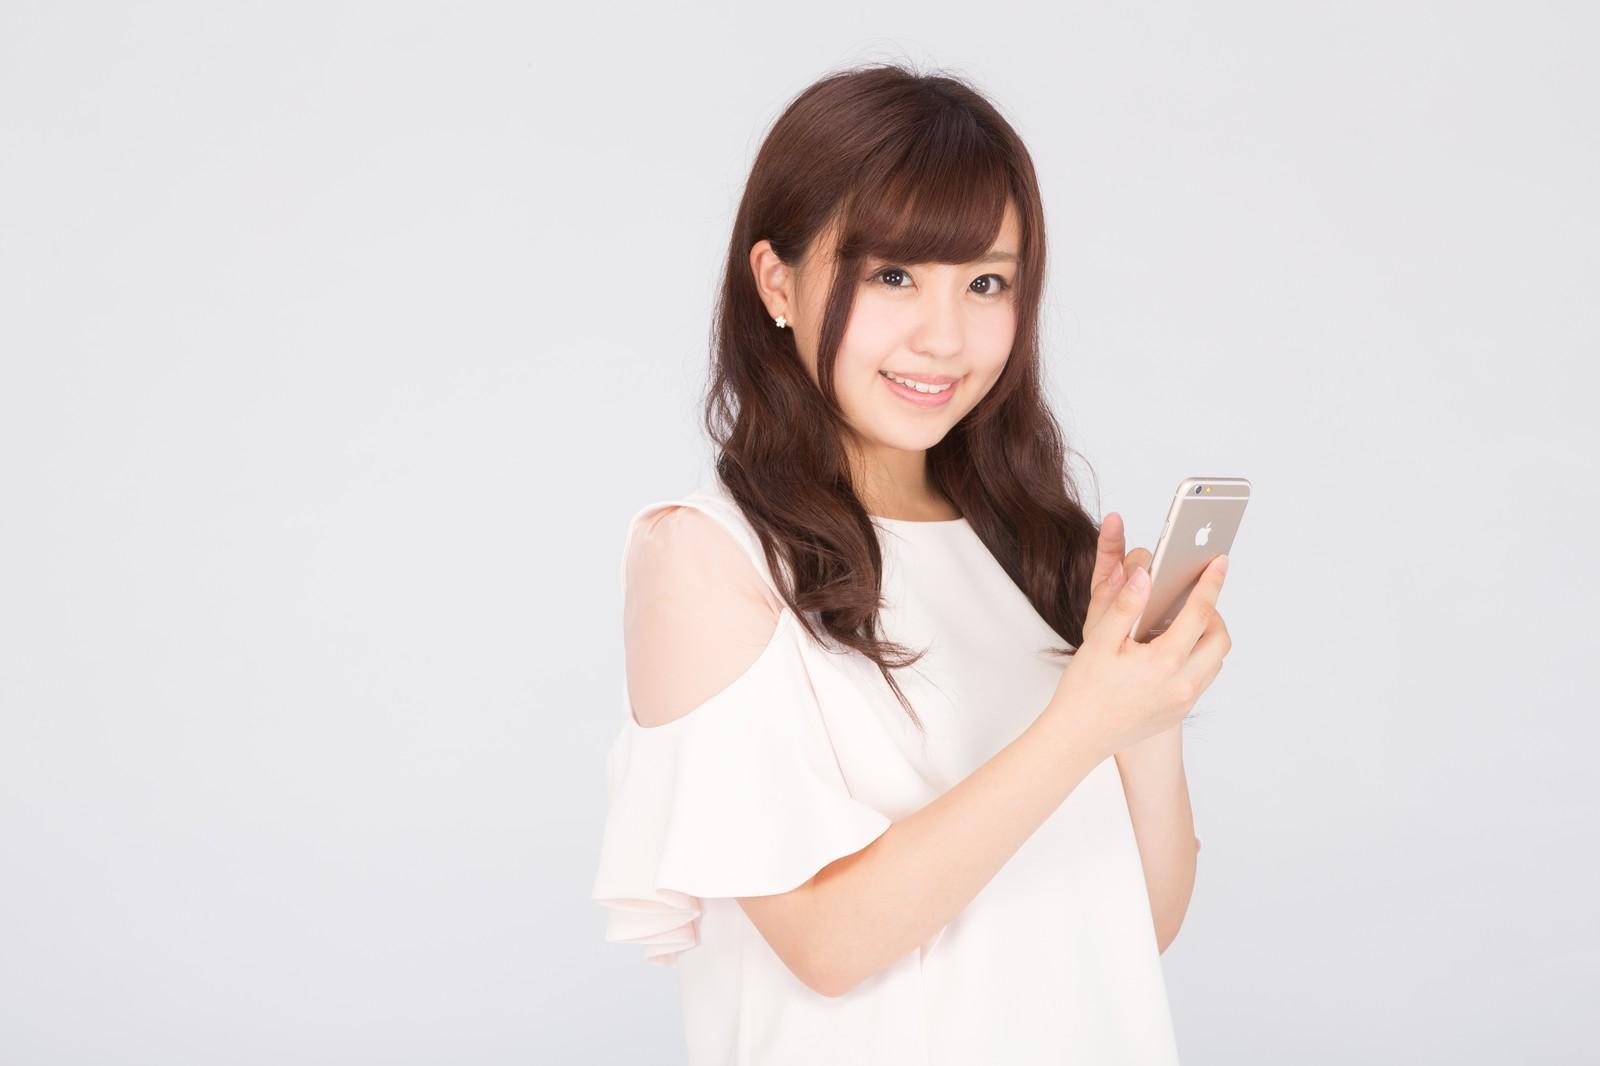 518円しかない口座に18万円入金されました。